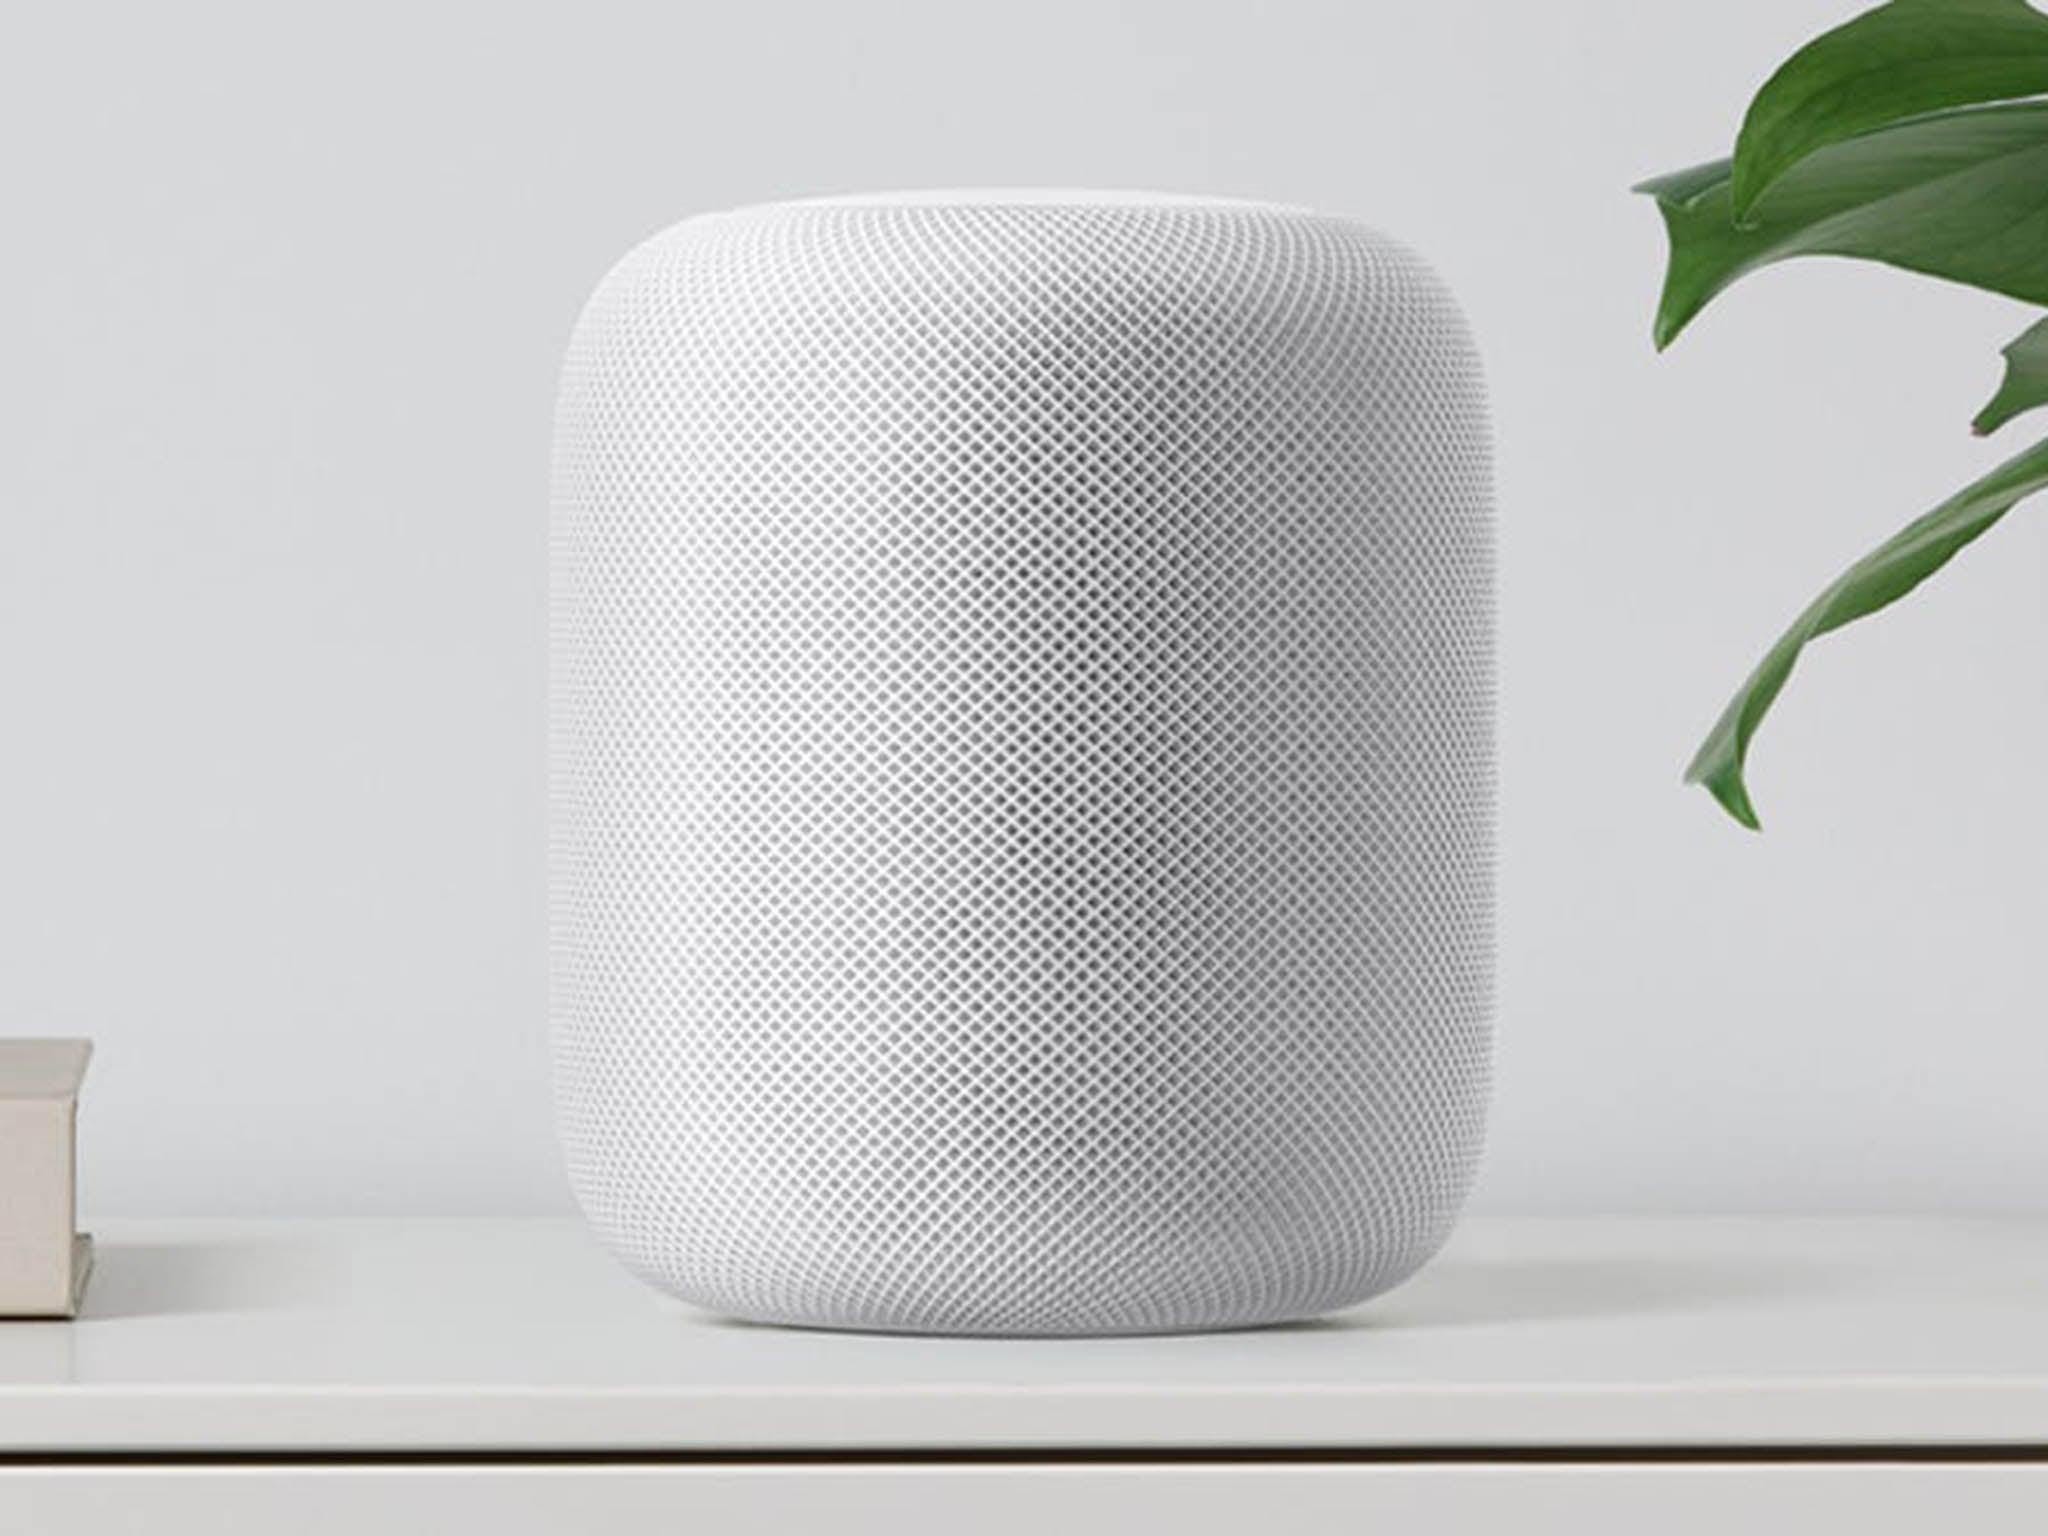 Apple HomePod is already losing the smart speaker battle